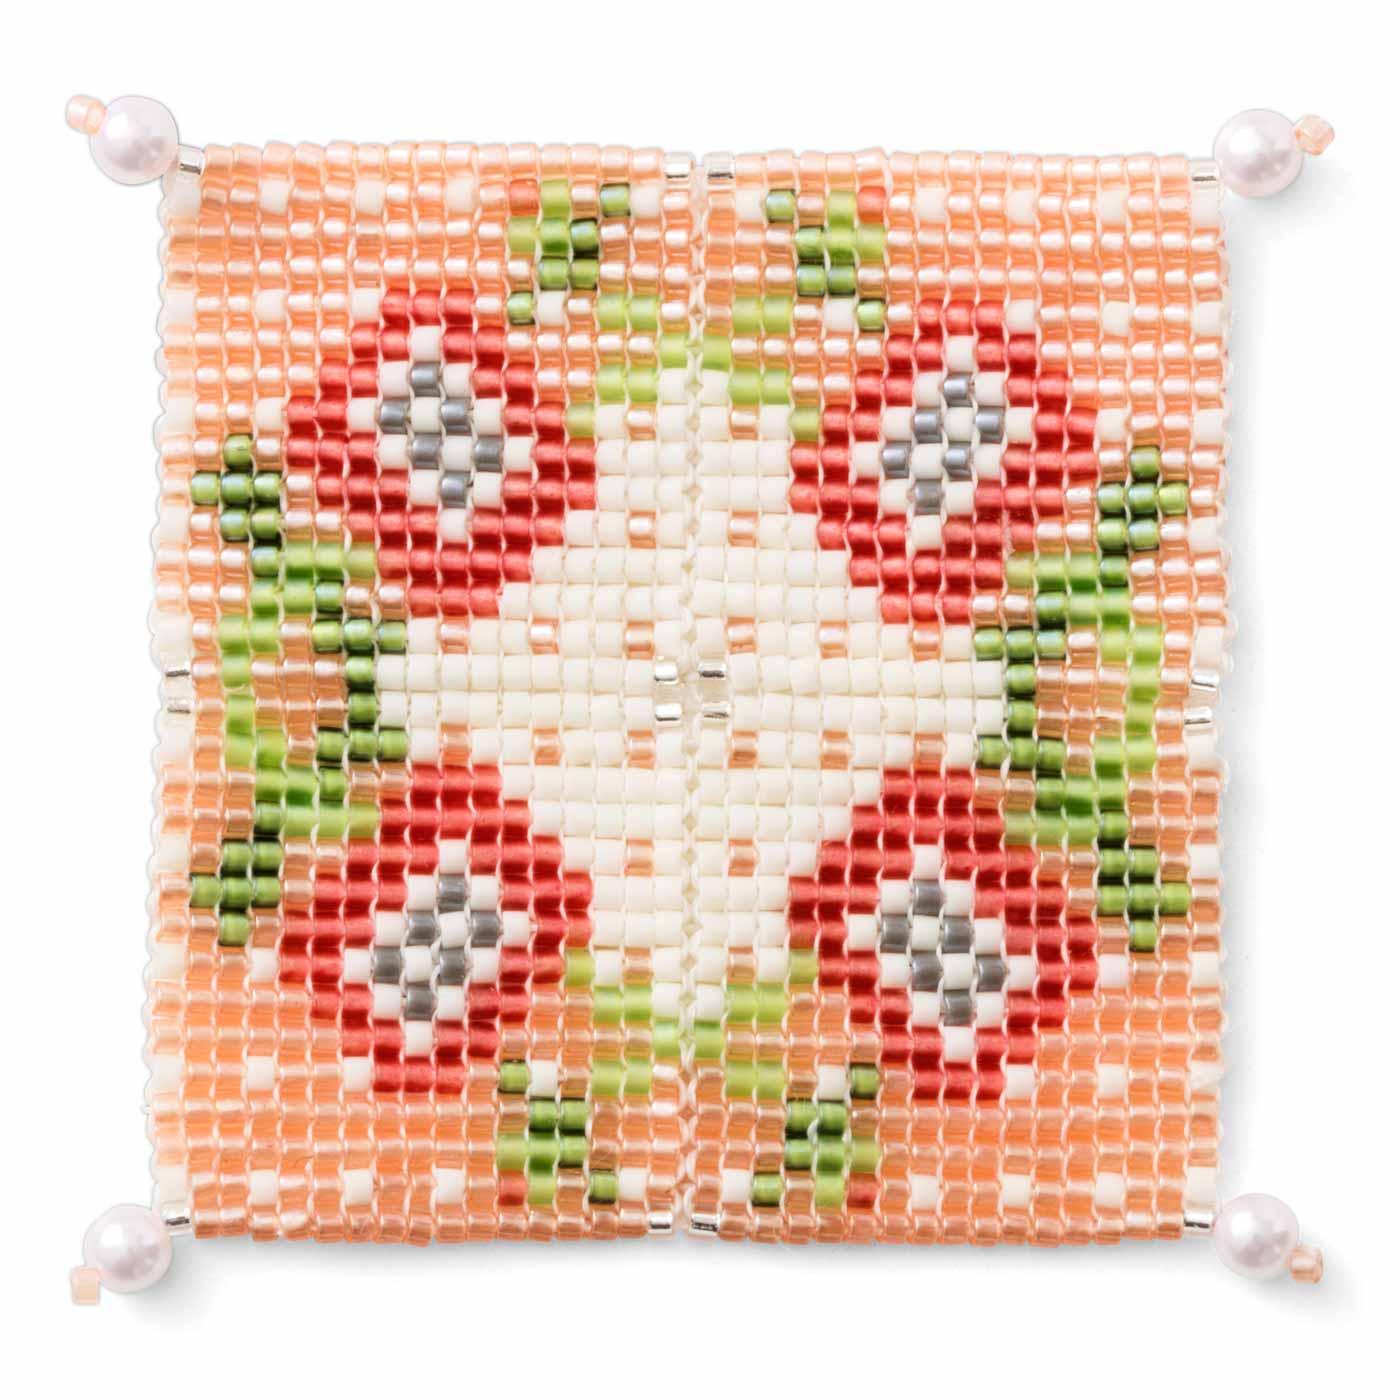 1セット分を繋げると、約5cm角のパターンができます。